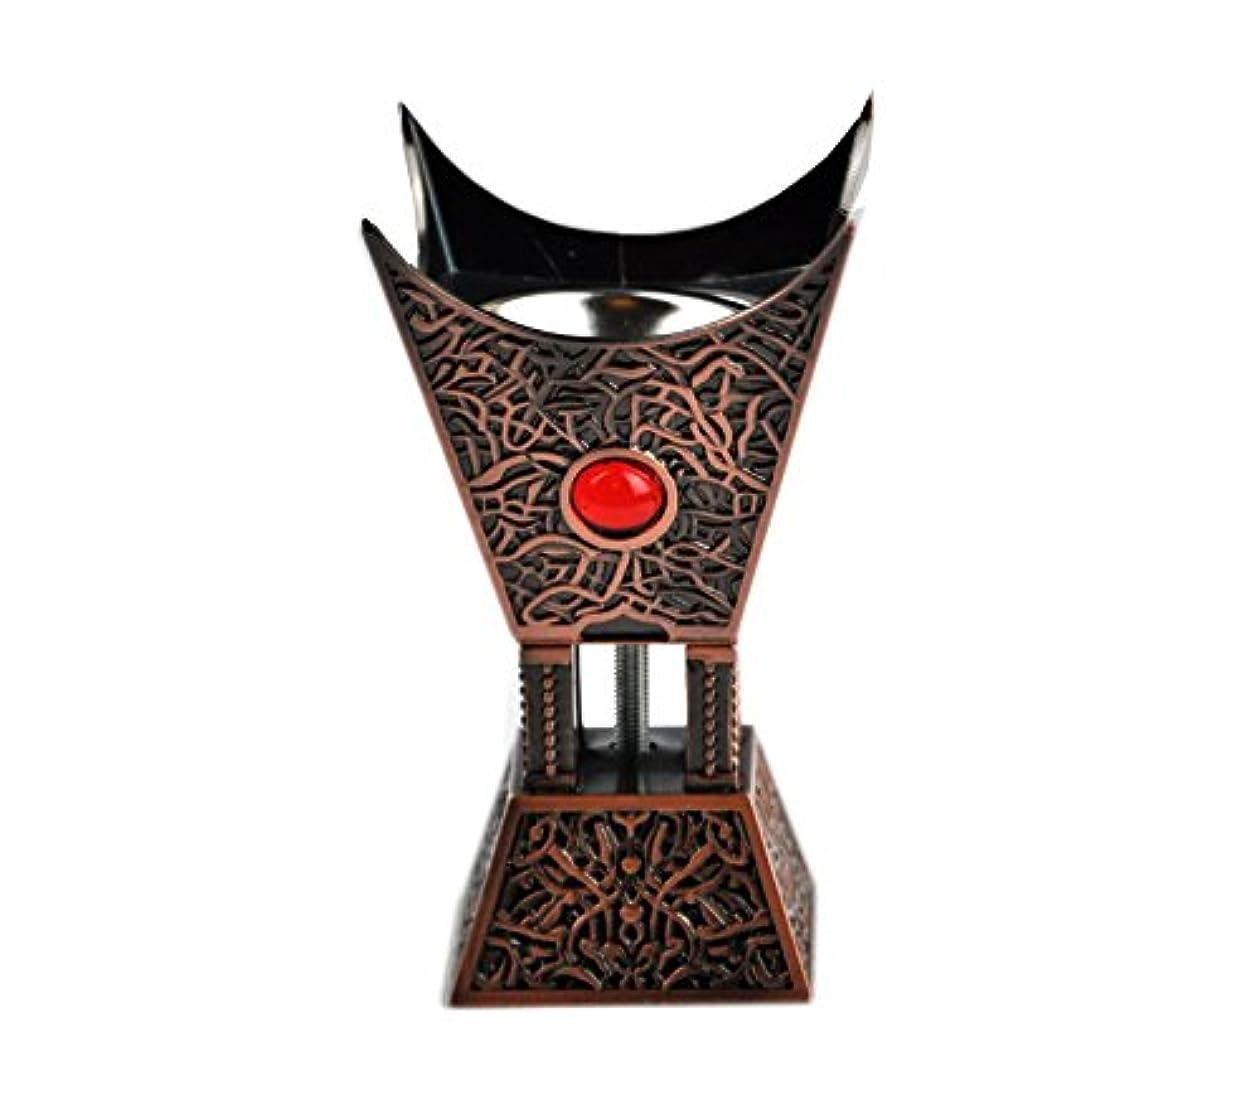 活発恵みセンチメンタルArabia Incense/bakhoor Burner (Mabkhara) – Oud Burner、ブロンズ、トレイInside – USA Seller